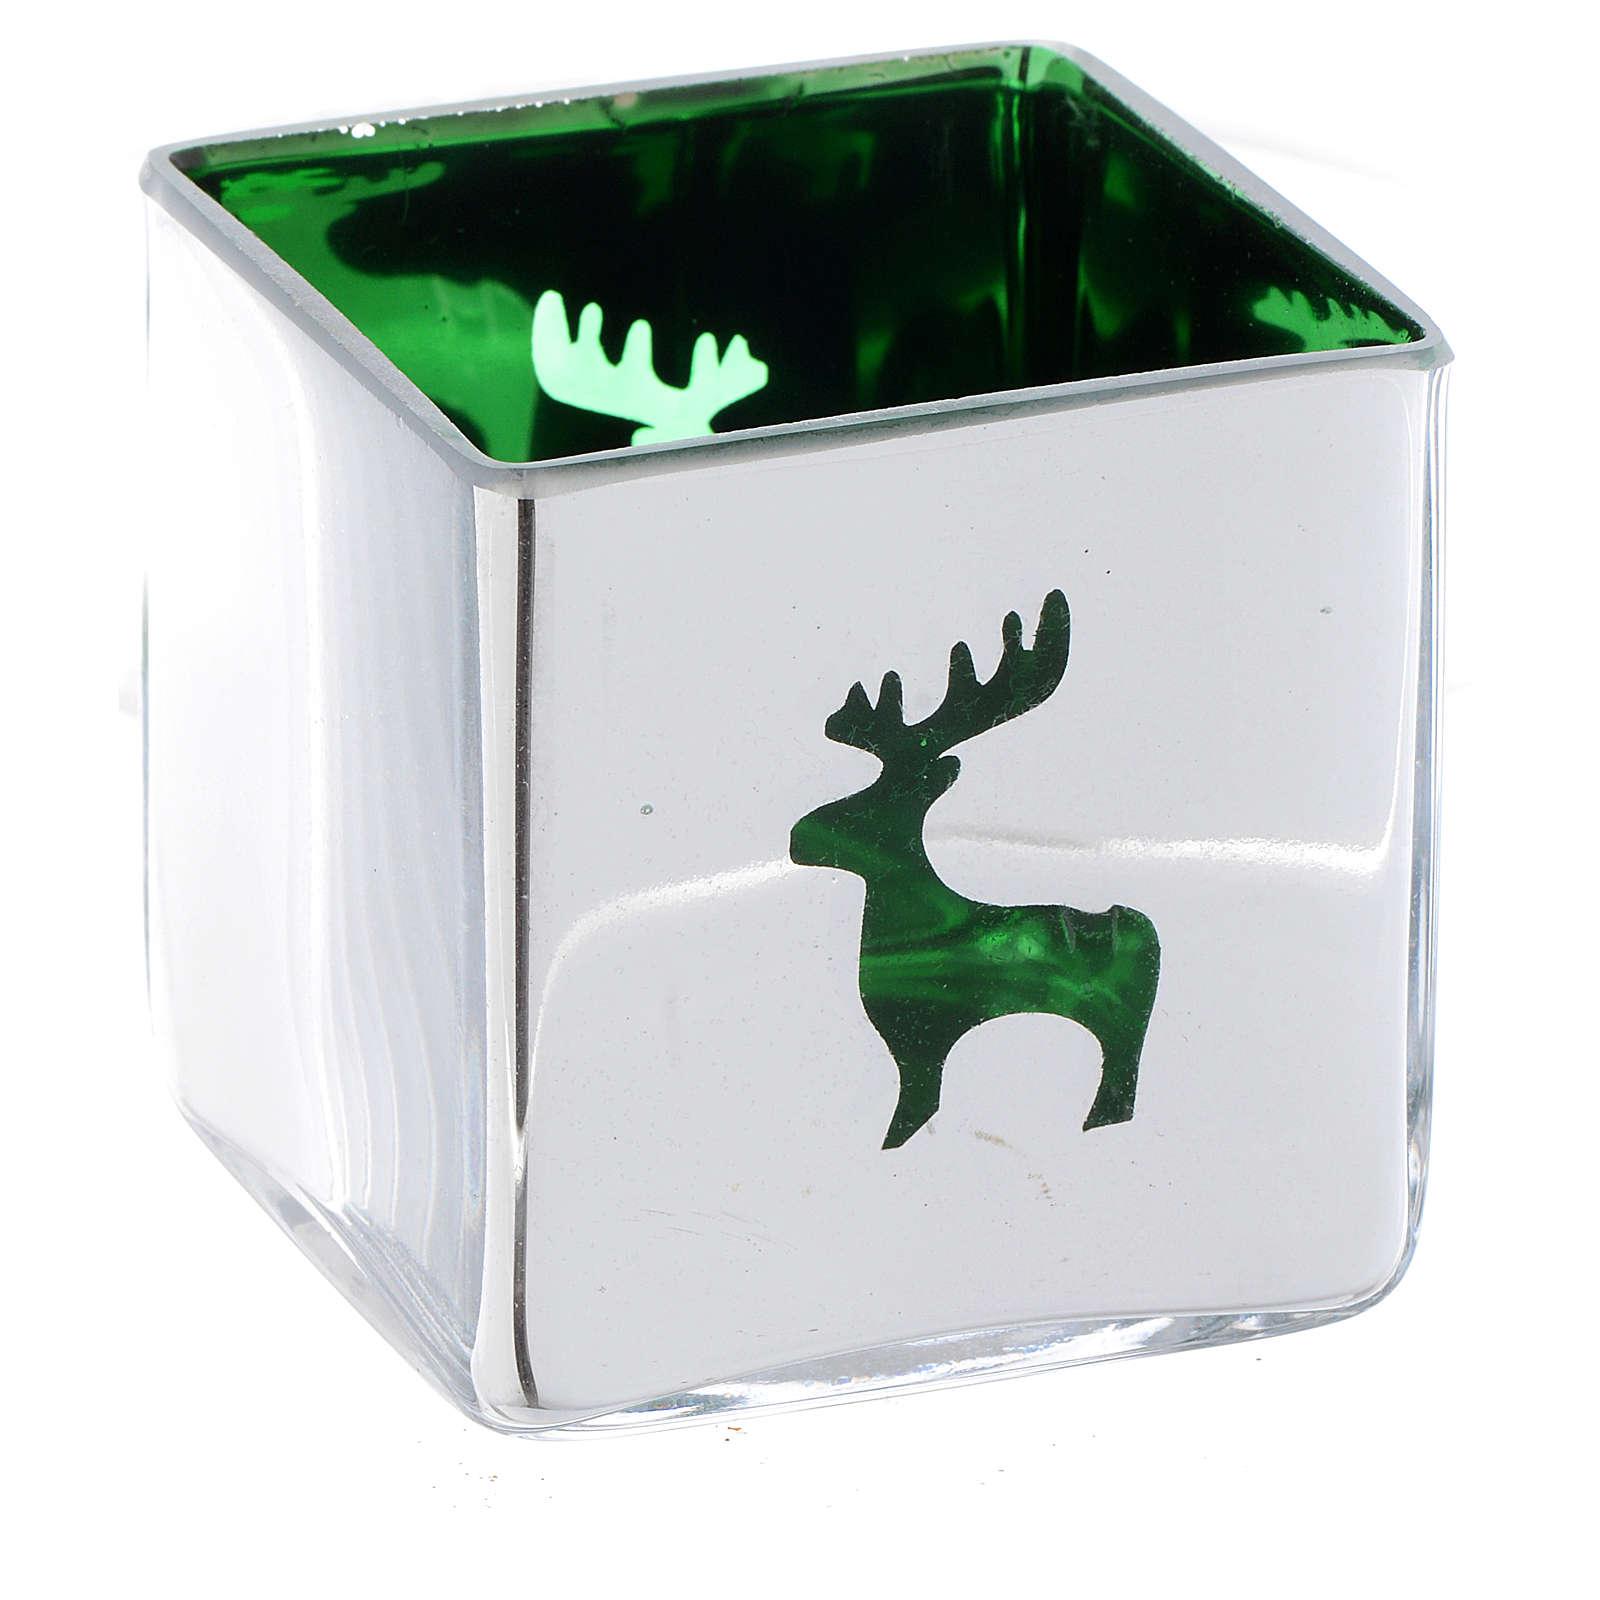 Weihnachtlicher Teelichthalter, Würfelform, mit grünem Dekor, sortiert 3